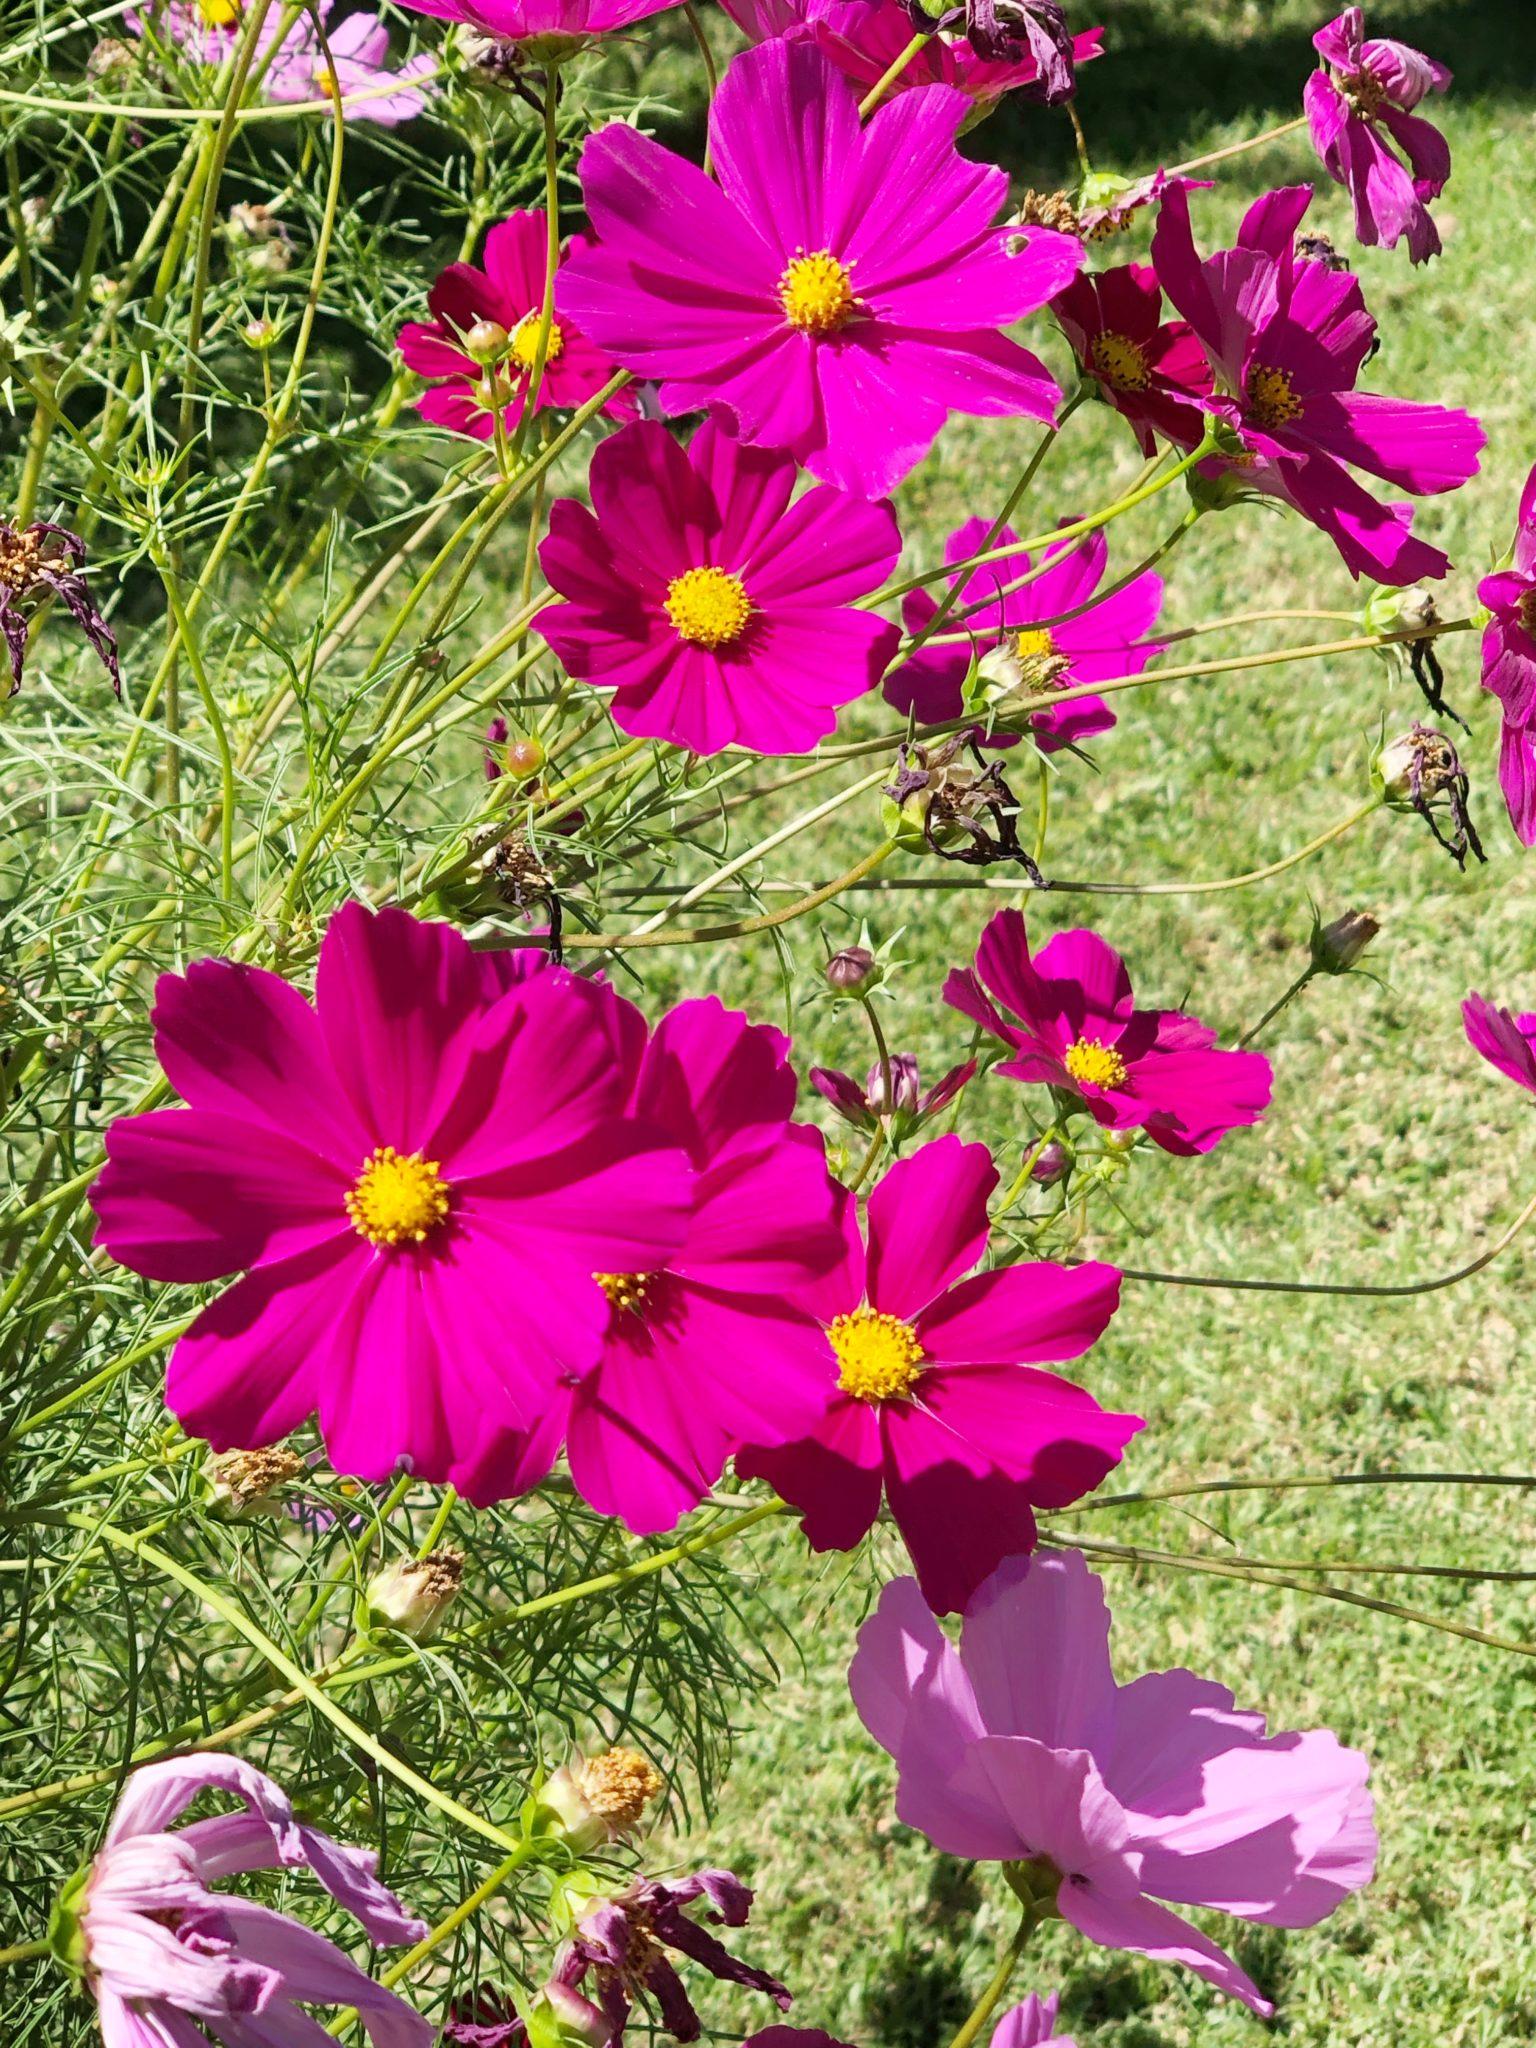 Wildflower - Cosmos in Bloom